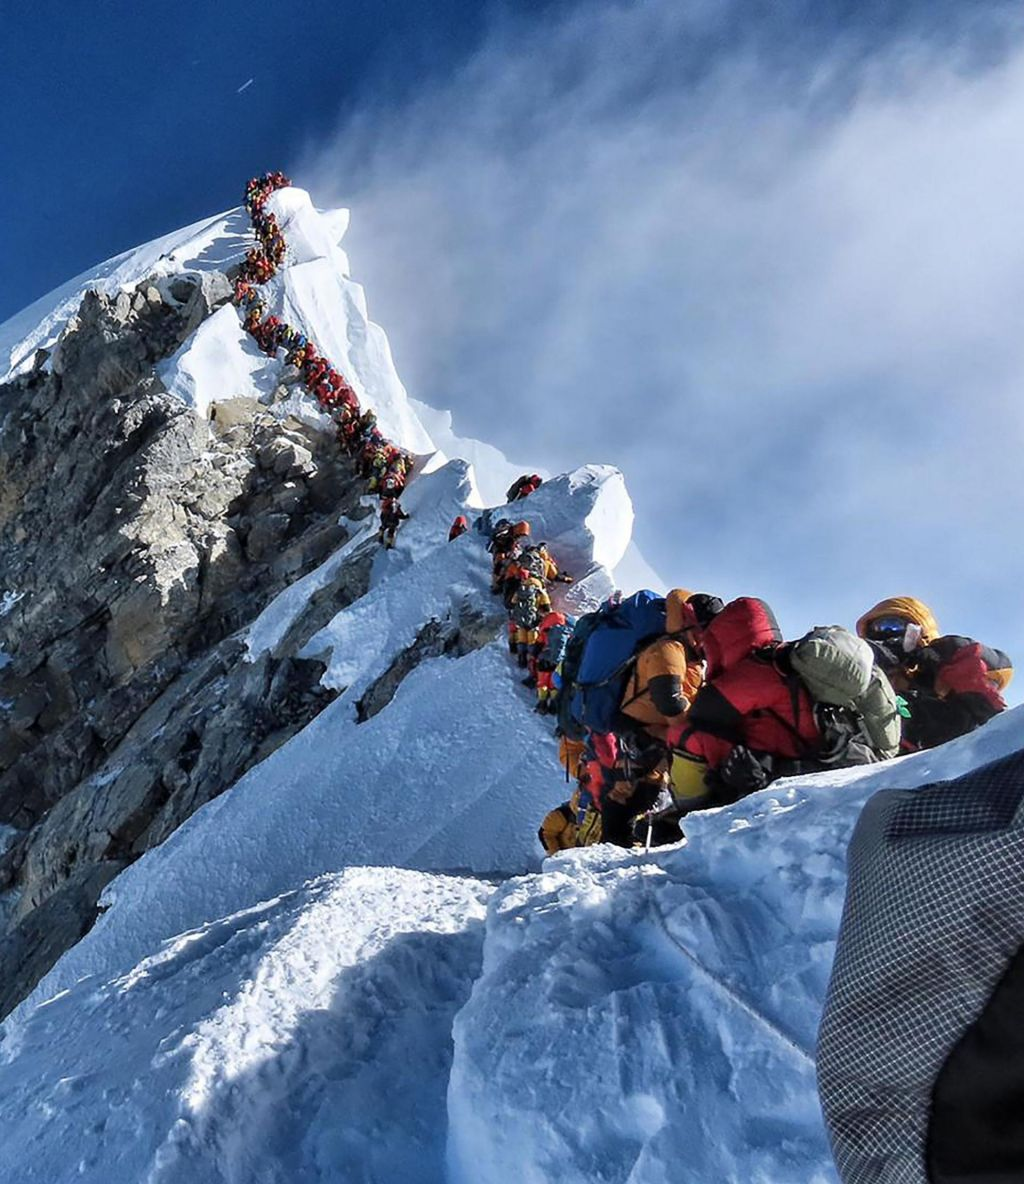 Alpinisti v coni smrti čakajo od 20 minut do ure in pol